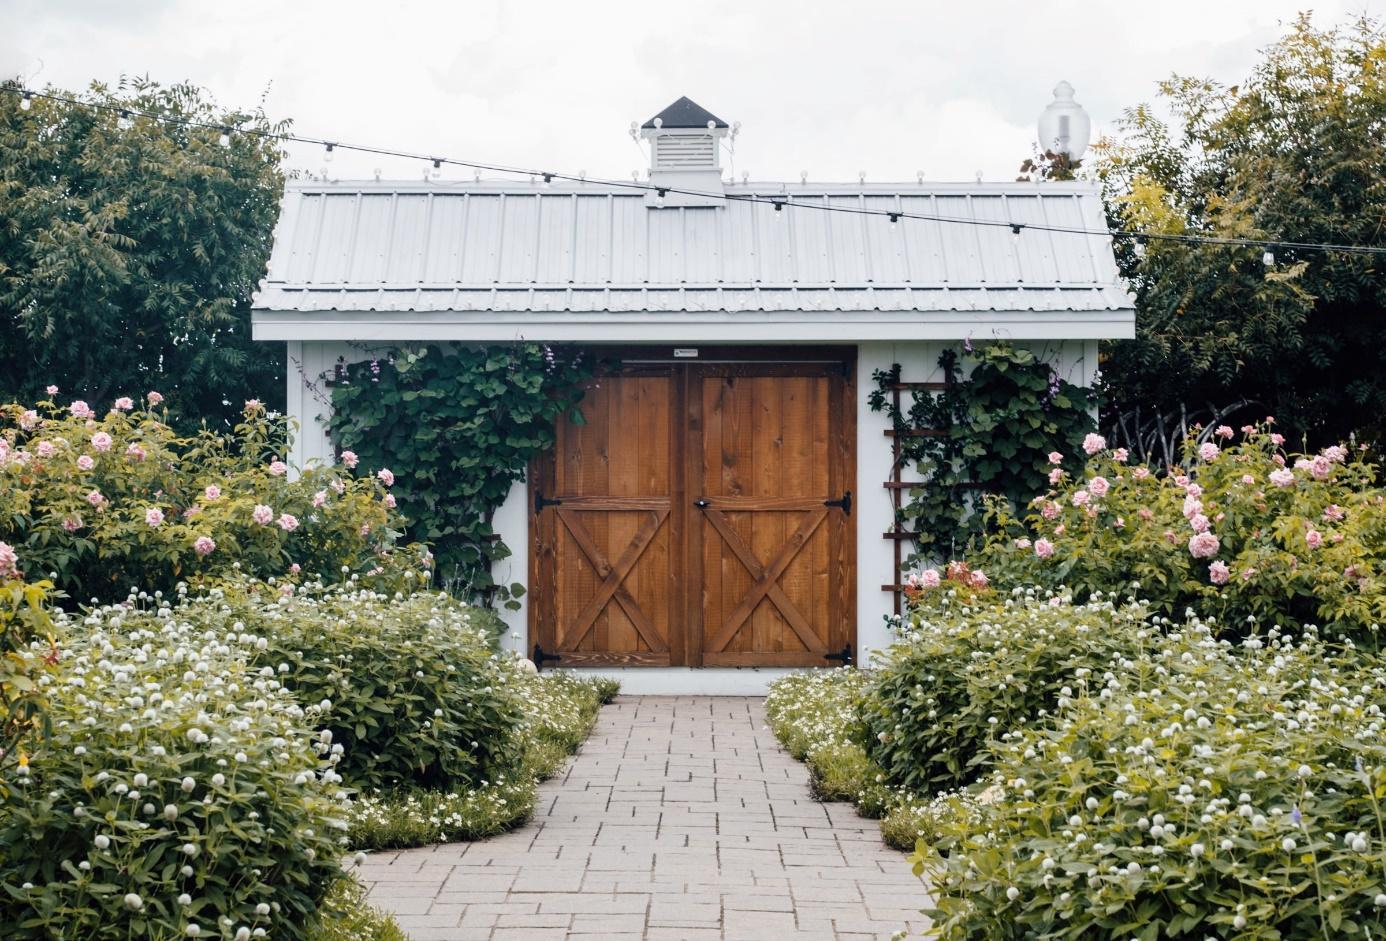 C:\Users\mail\OneDrive\Pictures\DB Online Marketing Afbeeldingen\1440-keeponstyling-buitenkant-van-je-tuinhuisje-opknappen (2).jpg